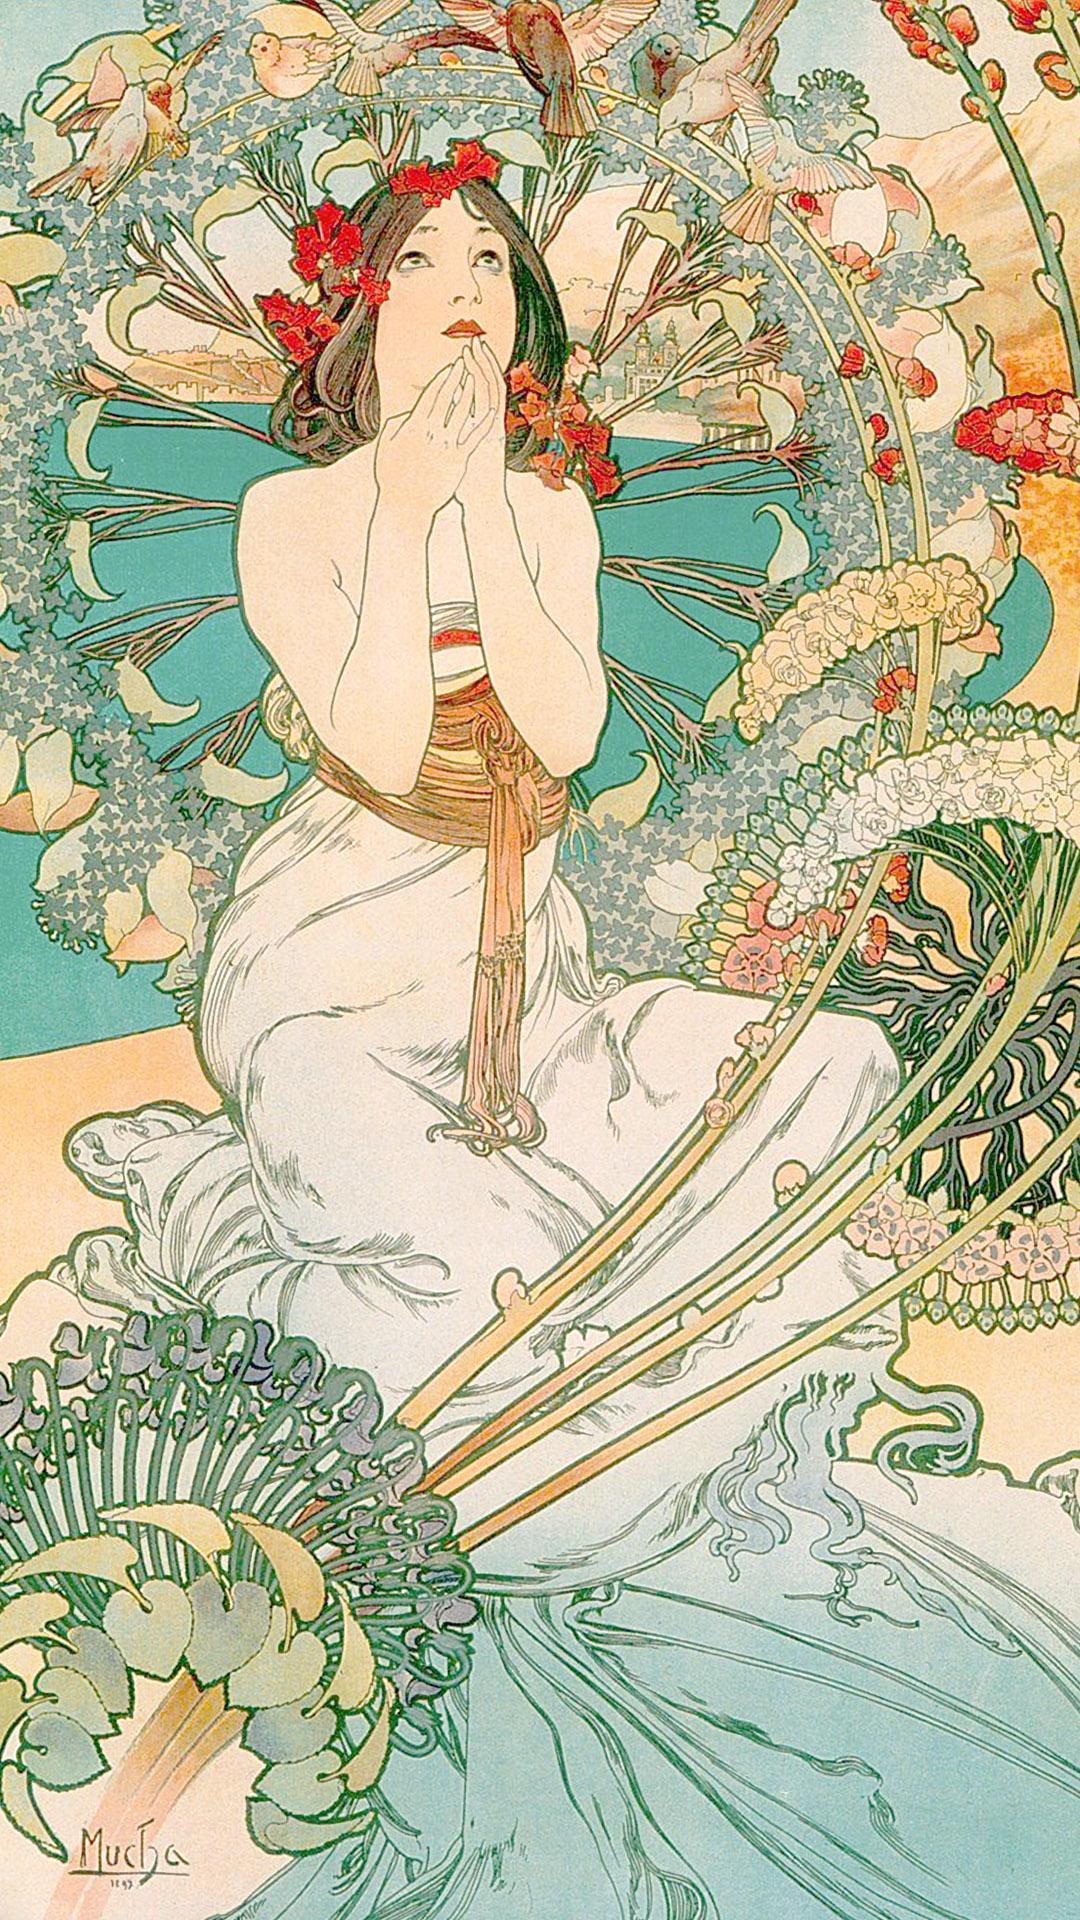 ミュシャ Alfons Mucha – MONACO MONTE CARLO 1080x1920 2